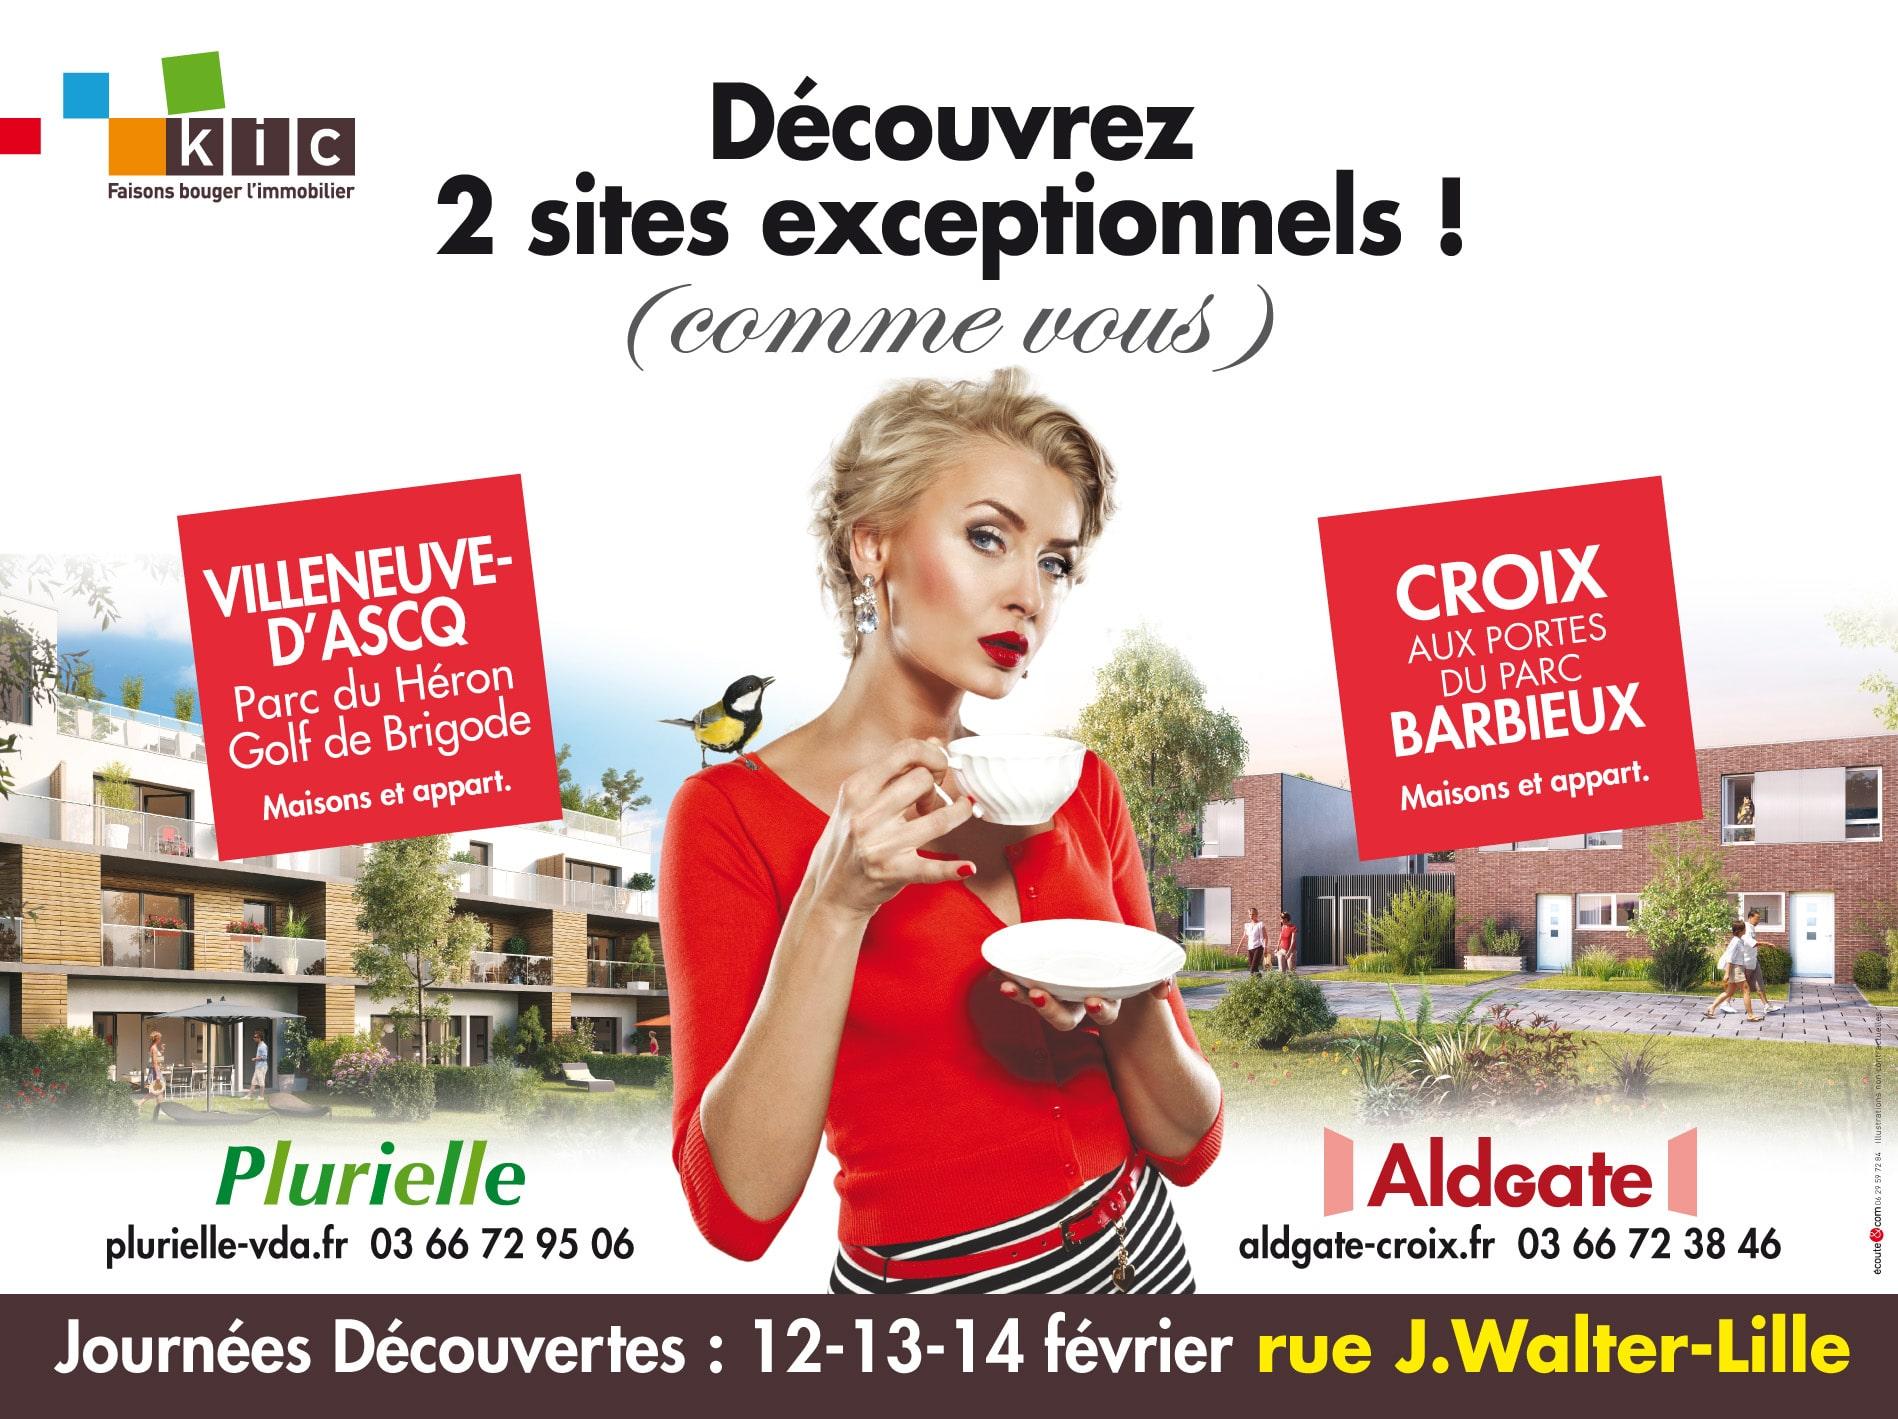 KIC - Journées découvertes Aldgate à Croix-Barbieux et journées découvertes Plurielle à Villeneuve d'Ascq